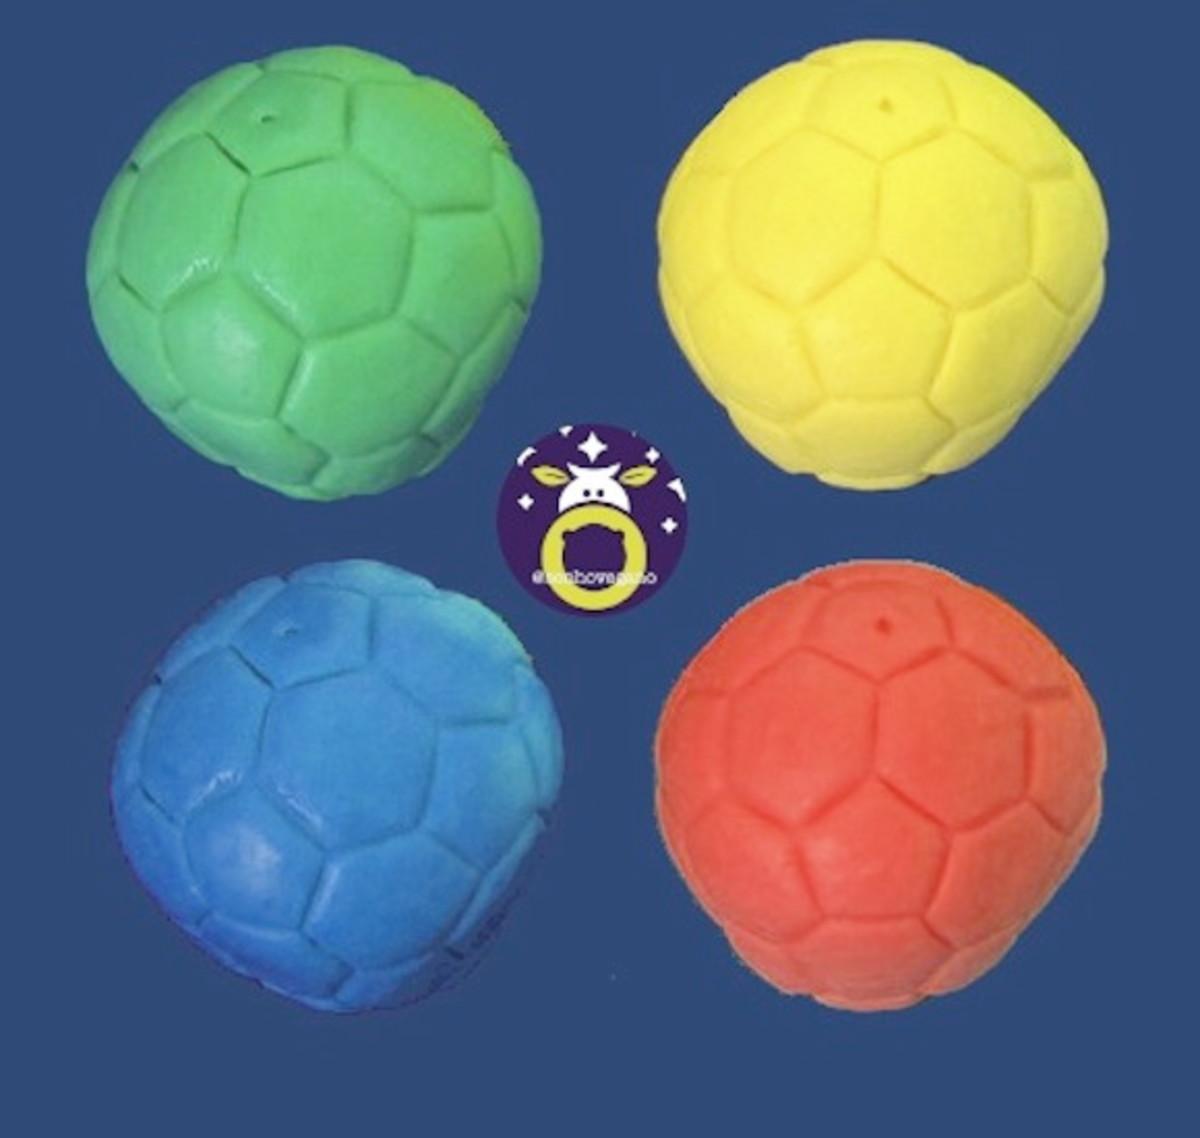 ebc8ddf732 Lembrancinha esporte acessorio Times Futebol Chuteira Bola no Elo7 ...